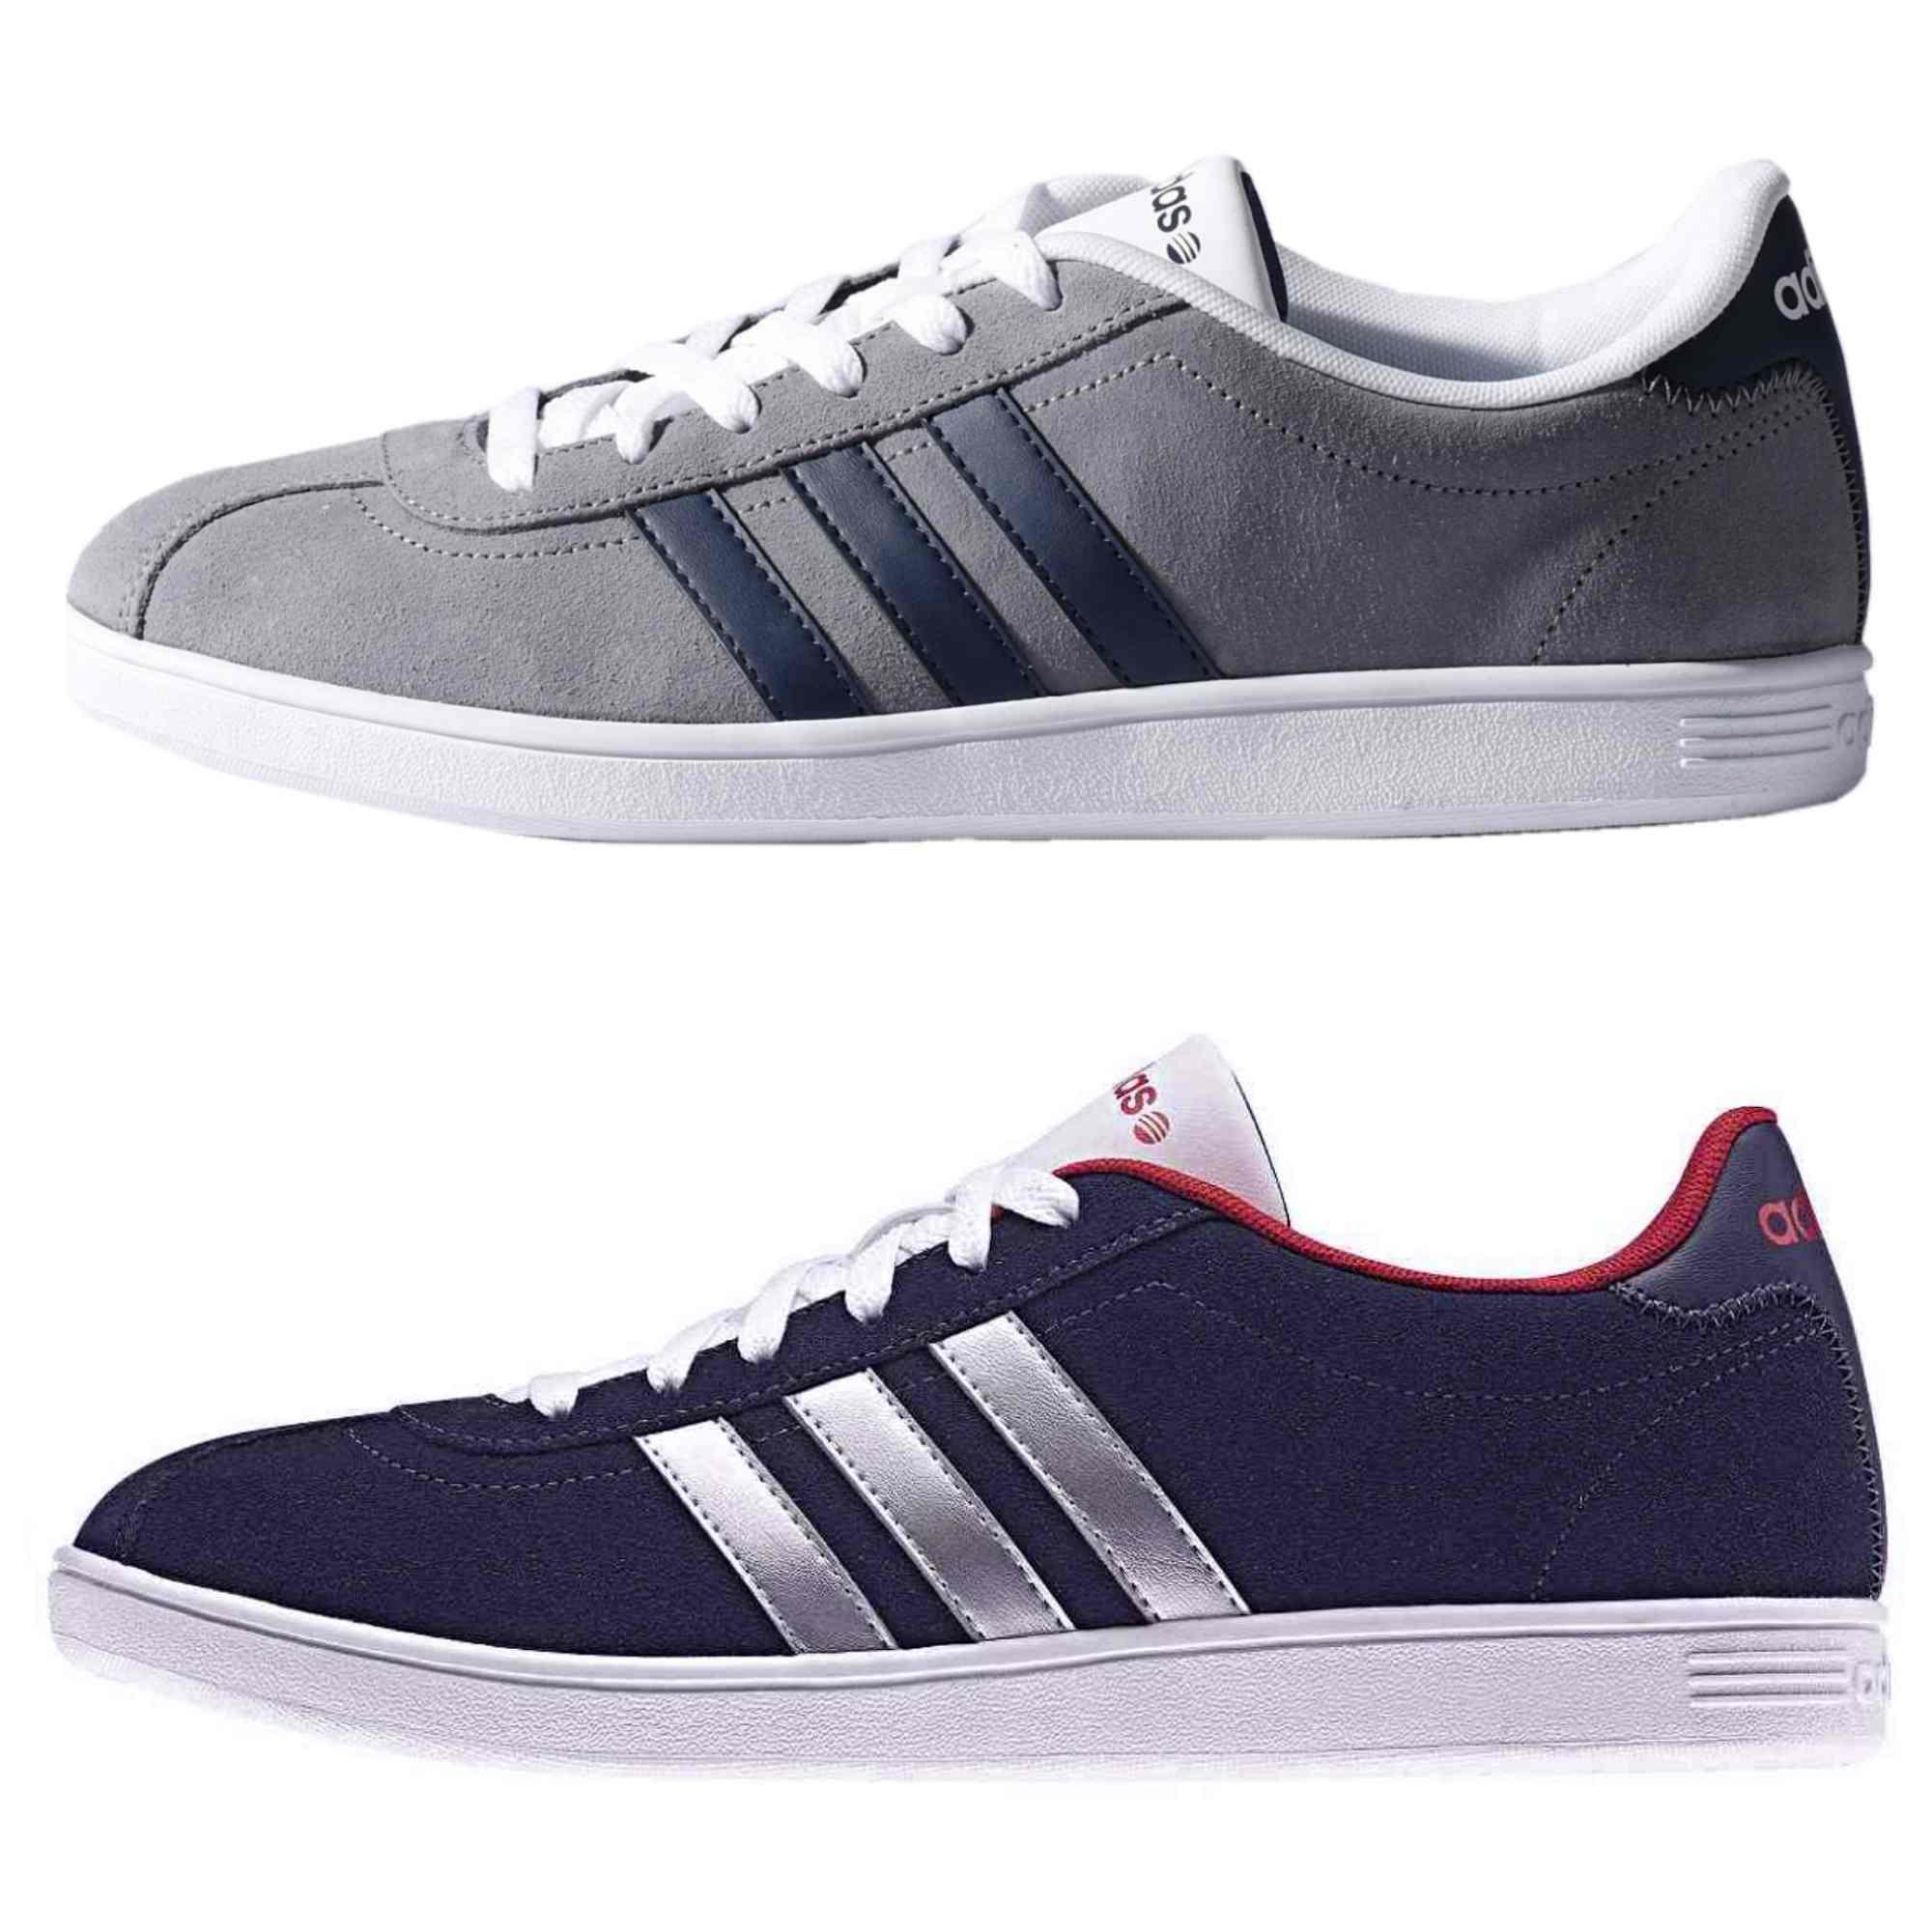 adidas vl court men 39 s sneaker trainer grey or dark blue ebay. Black Bedroom Furniture Sets. Home Design Ideas